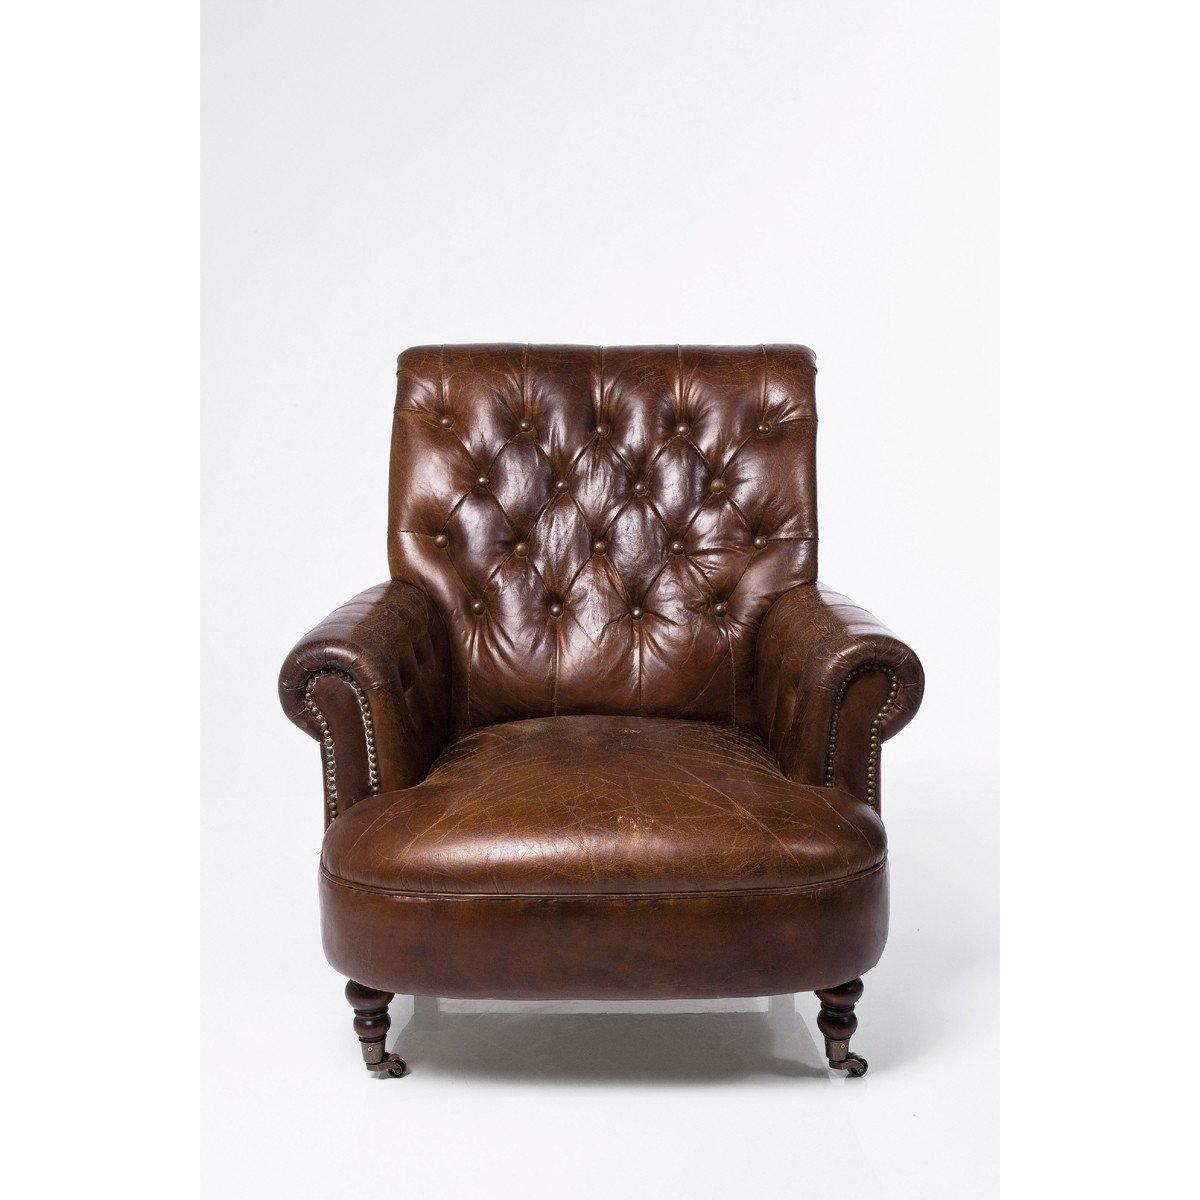 Sessel Cigar Lounge Vintage mit braunem Lederbezug und stylischen Rollen